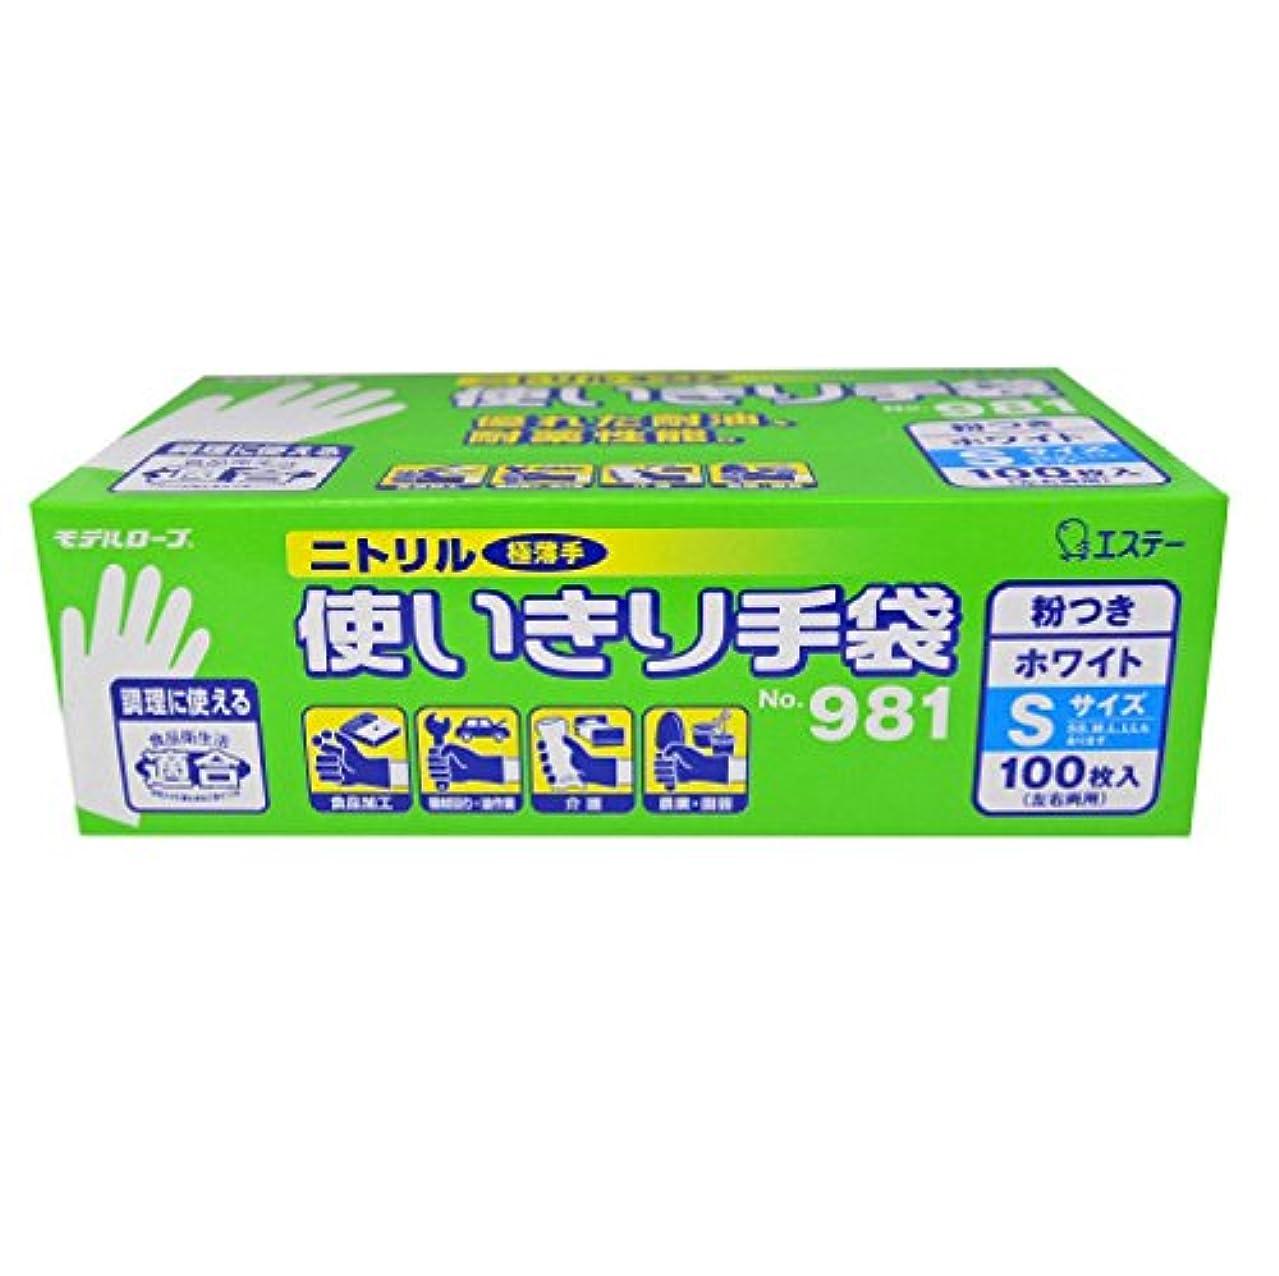 敏感な経験者ビルダーエステー/ニトリル使いきり手袋 箱入 (粉つき) [100枚入]/品番:981 サイズ:S カラー:ブルー